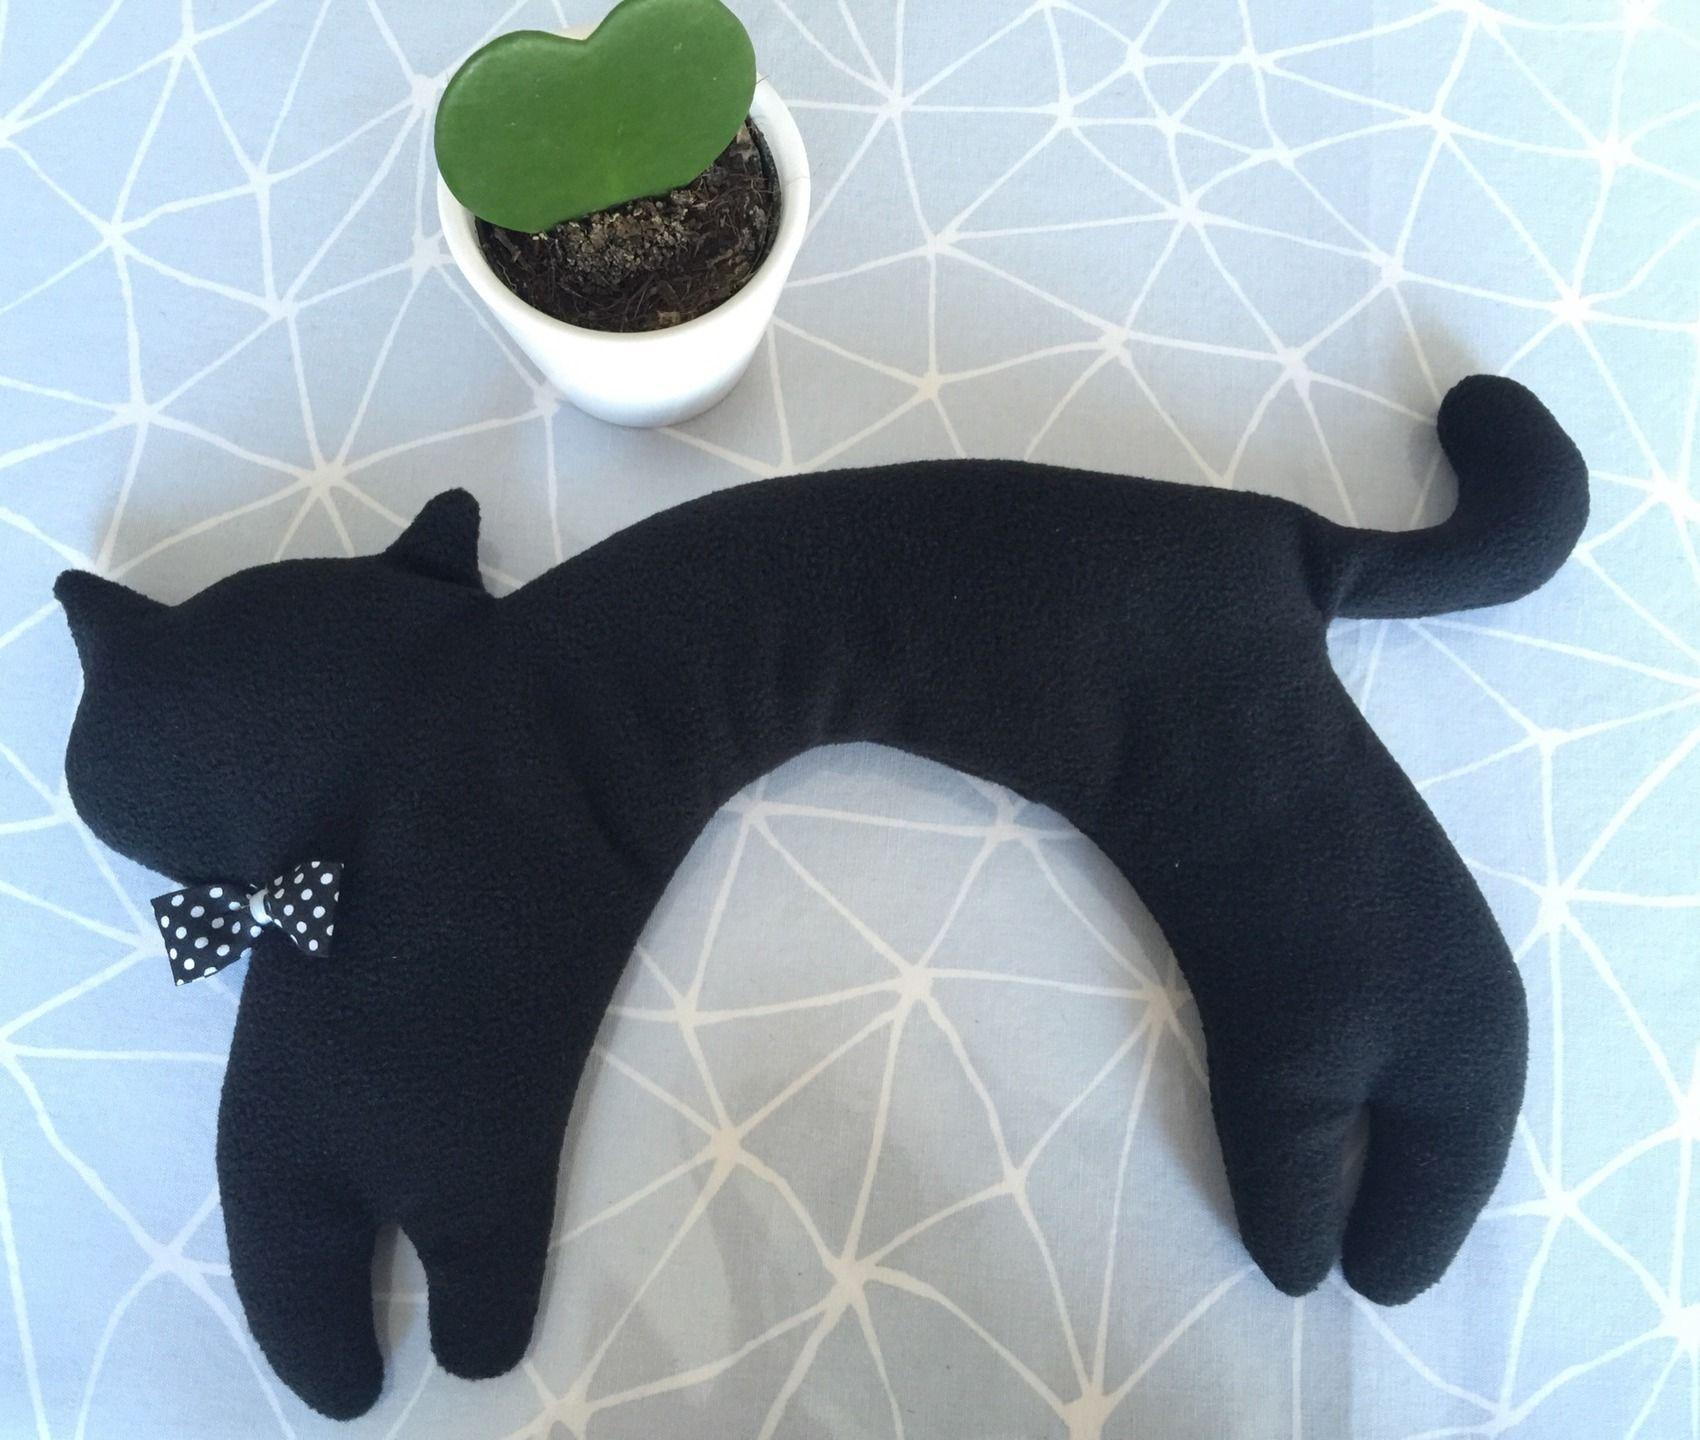 bouillotte s che chat noir en tour de cou garnie de bl tutos rigolos pinterest. Black Bedroom Furniture Sets. Home Design Ideas